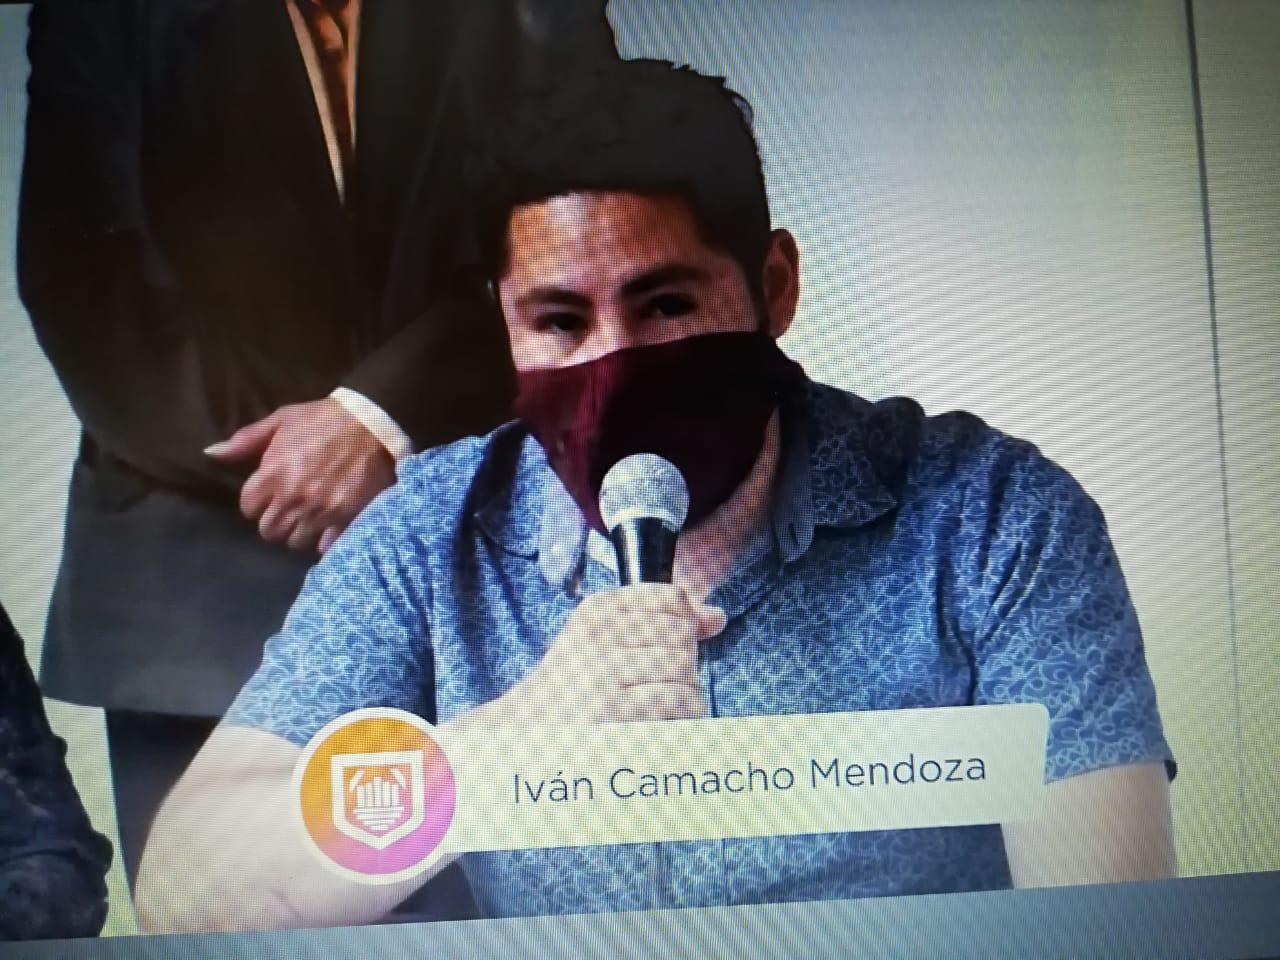 Gobierno de la Ciudad no acostumbra hostigar al comercio establecido: Iván Camacho